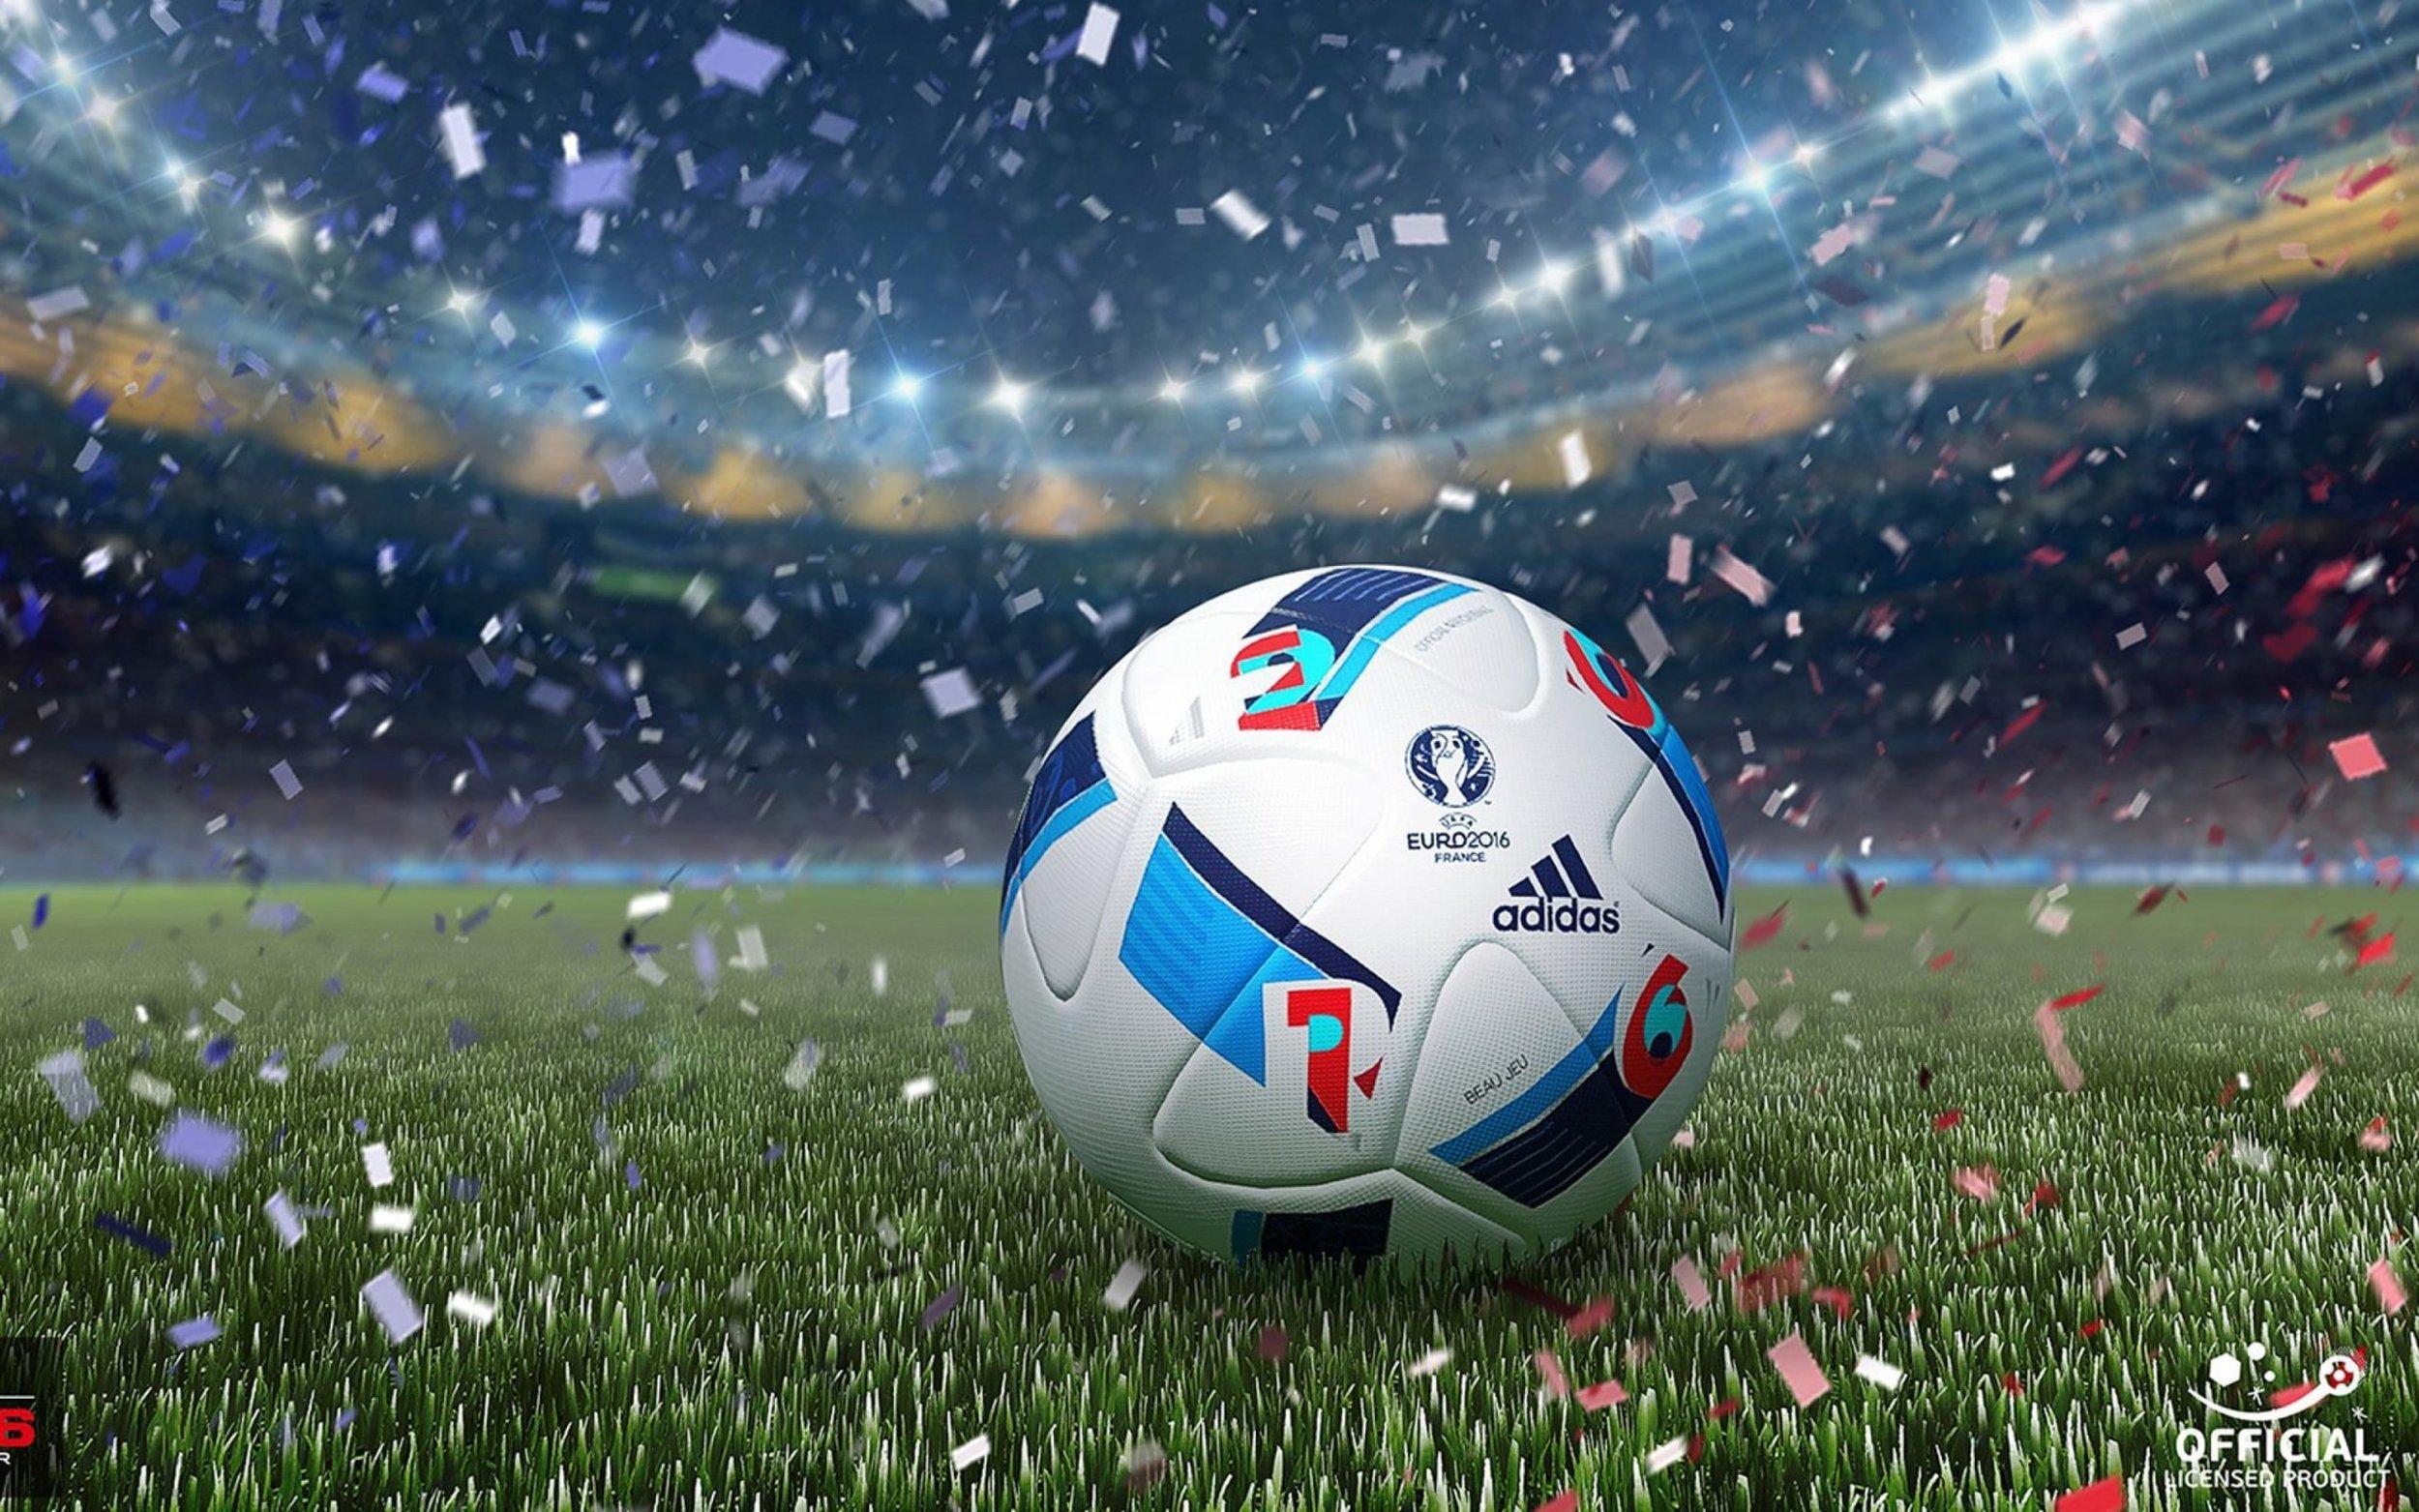 park creative agency - adidas euro cup - shazam music app.jpg